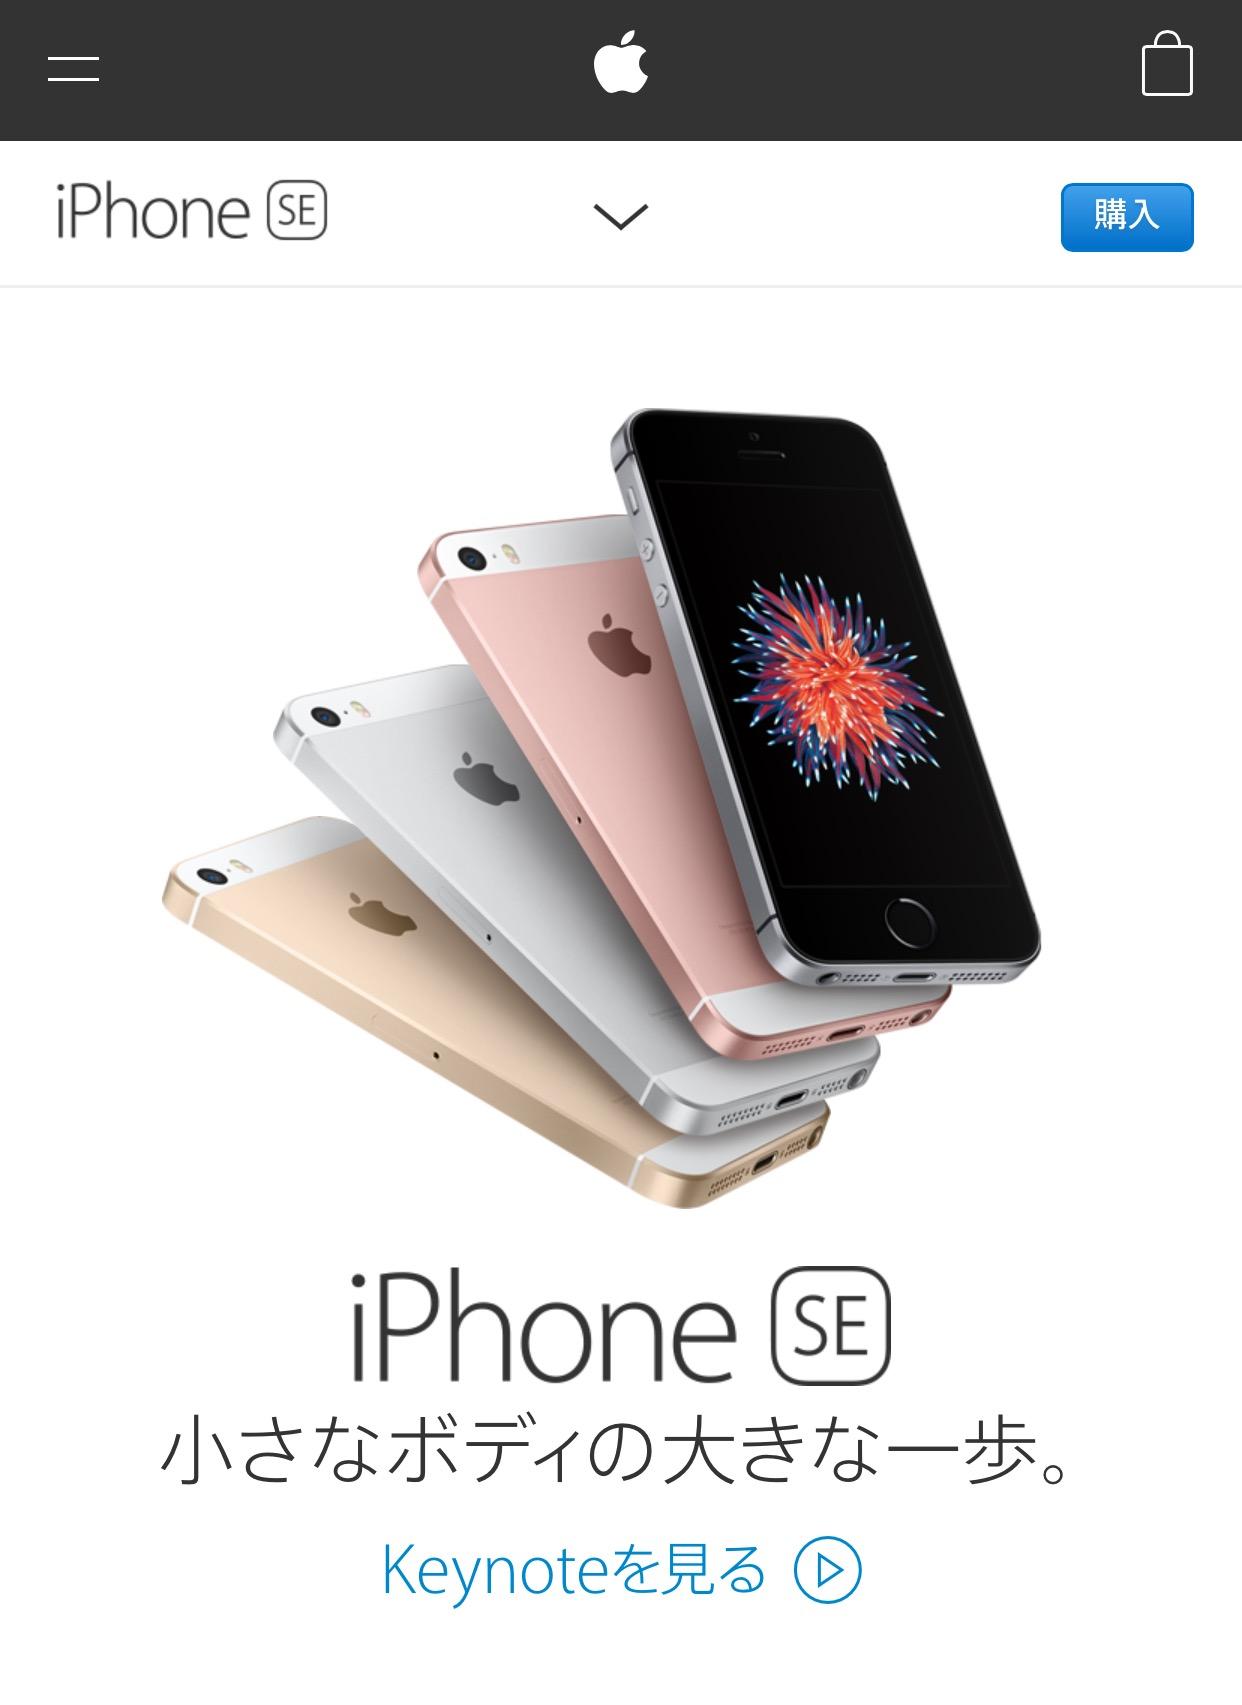 iPhone7発表を機に、4インチのコンパクトなiPhone SEを検討している自分がいる。